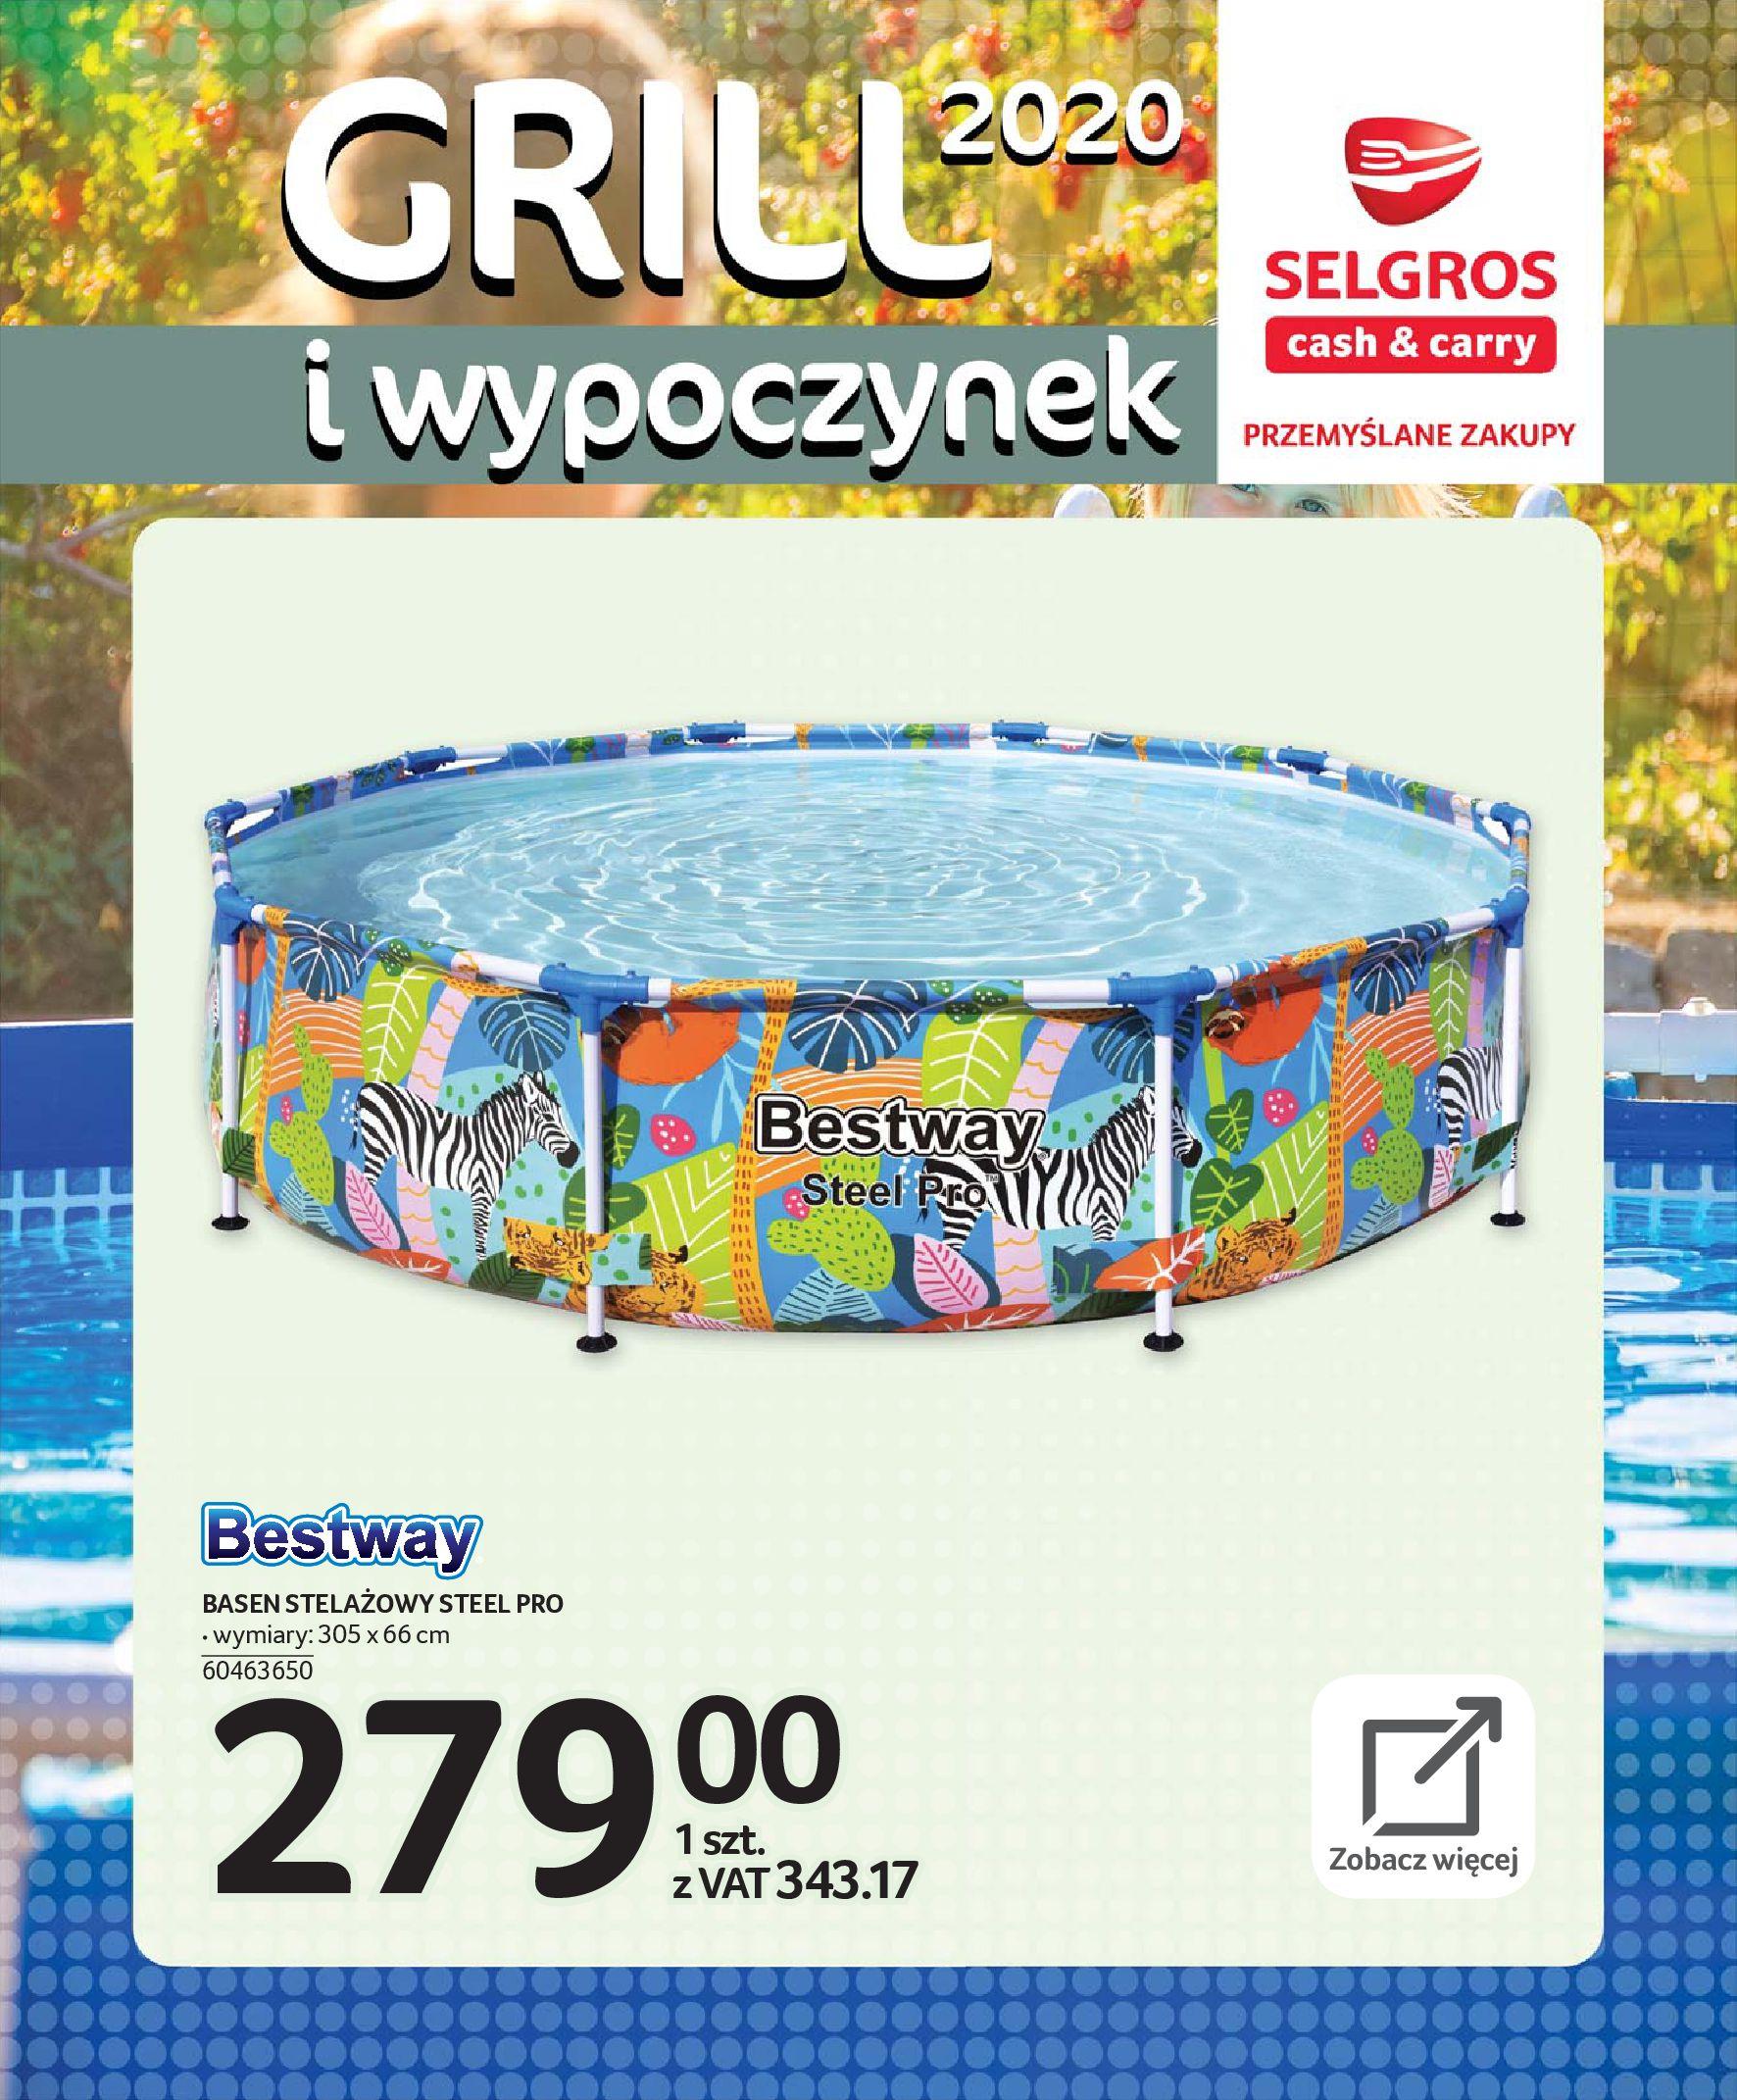 Gazetka Selgros - Katalog - Grill i wypoczynek-31.03.2020-31.08.2020-page-95